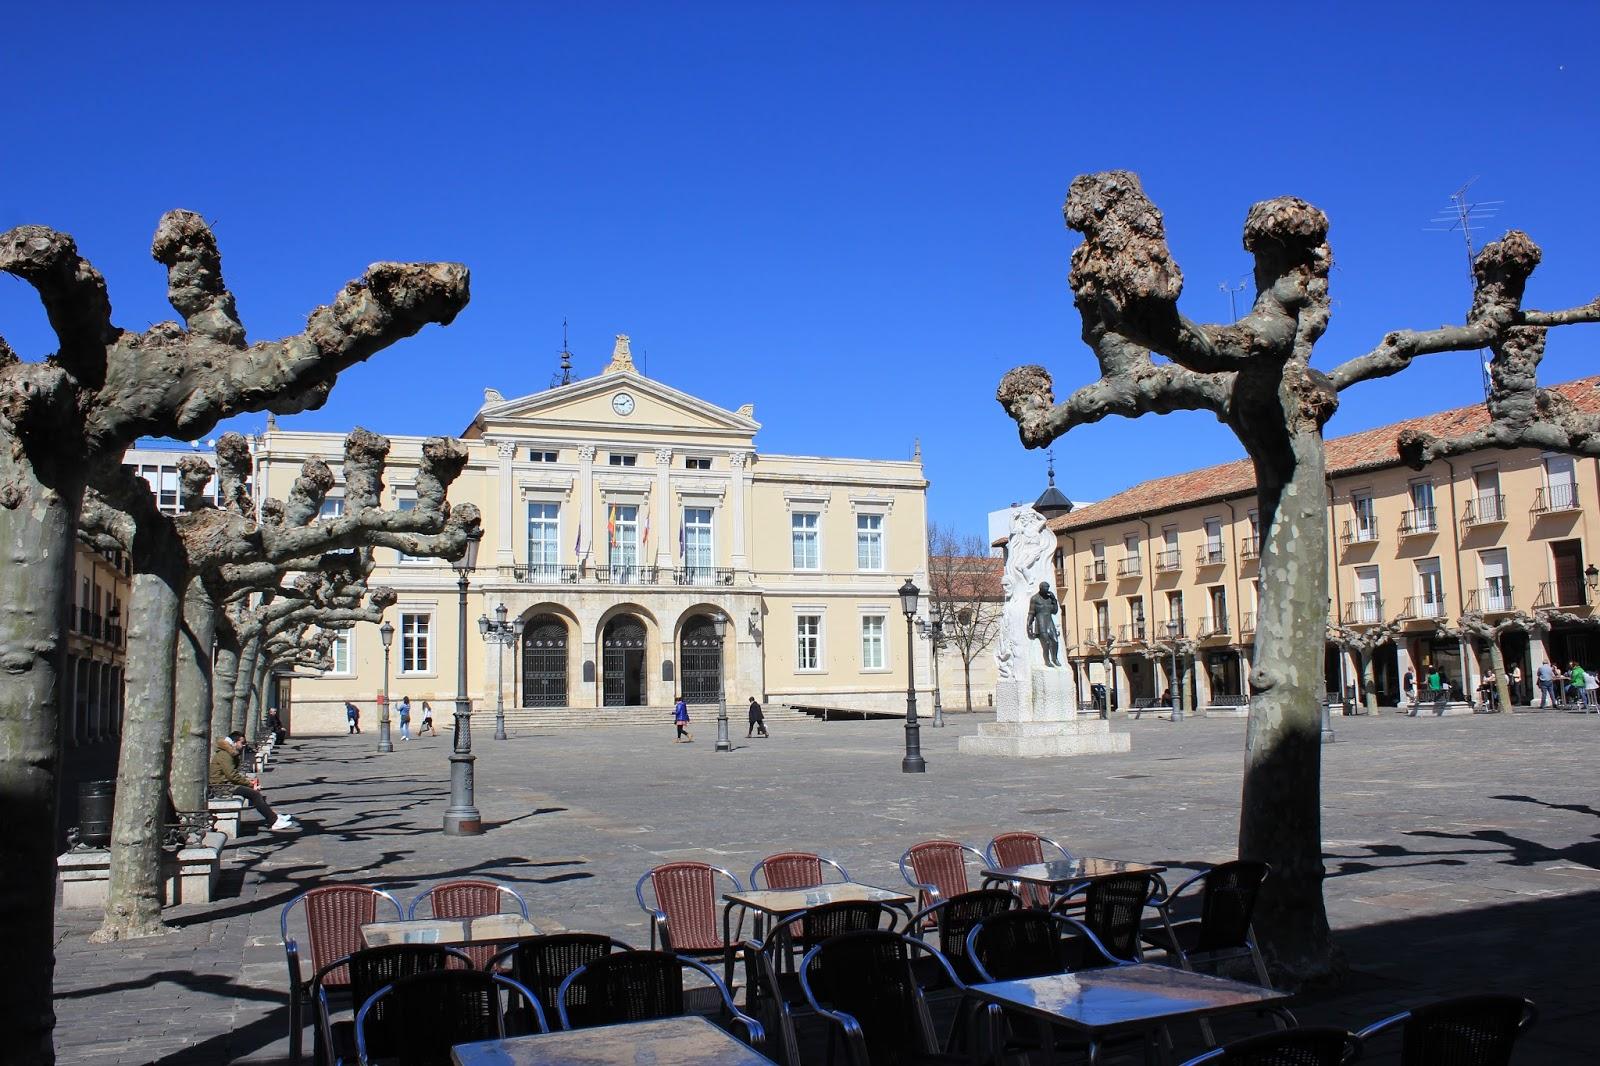 Maravillas ocultas de espa a palencia y su museo de arte for Oficina de turismo de palencia